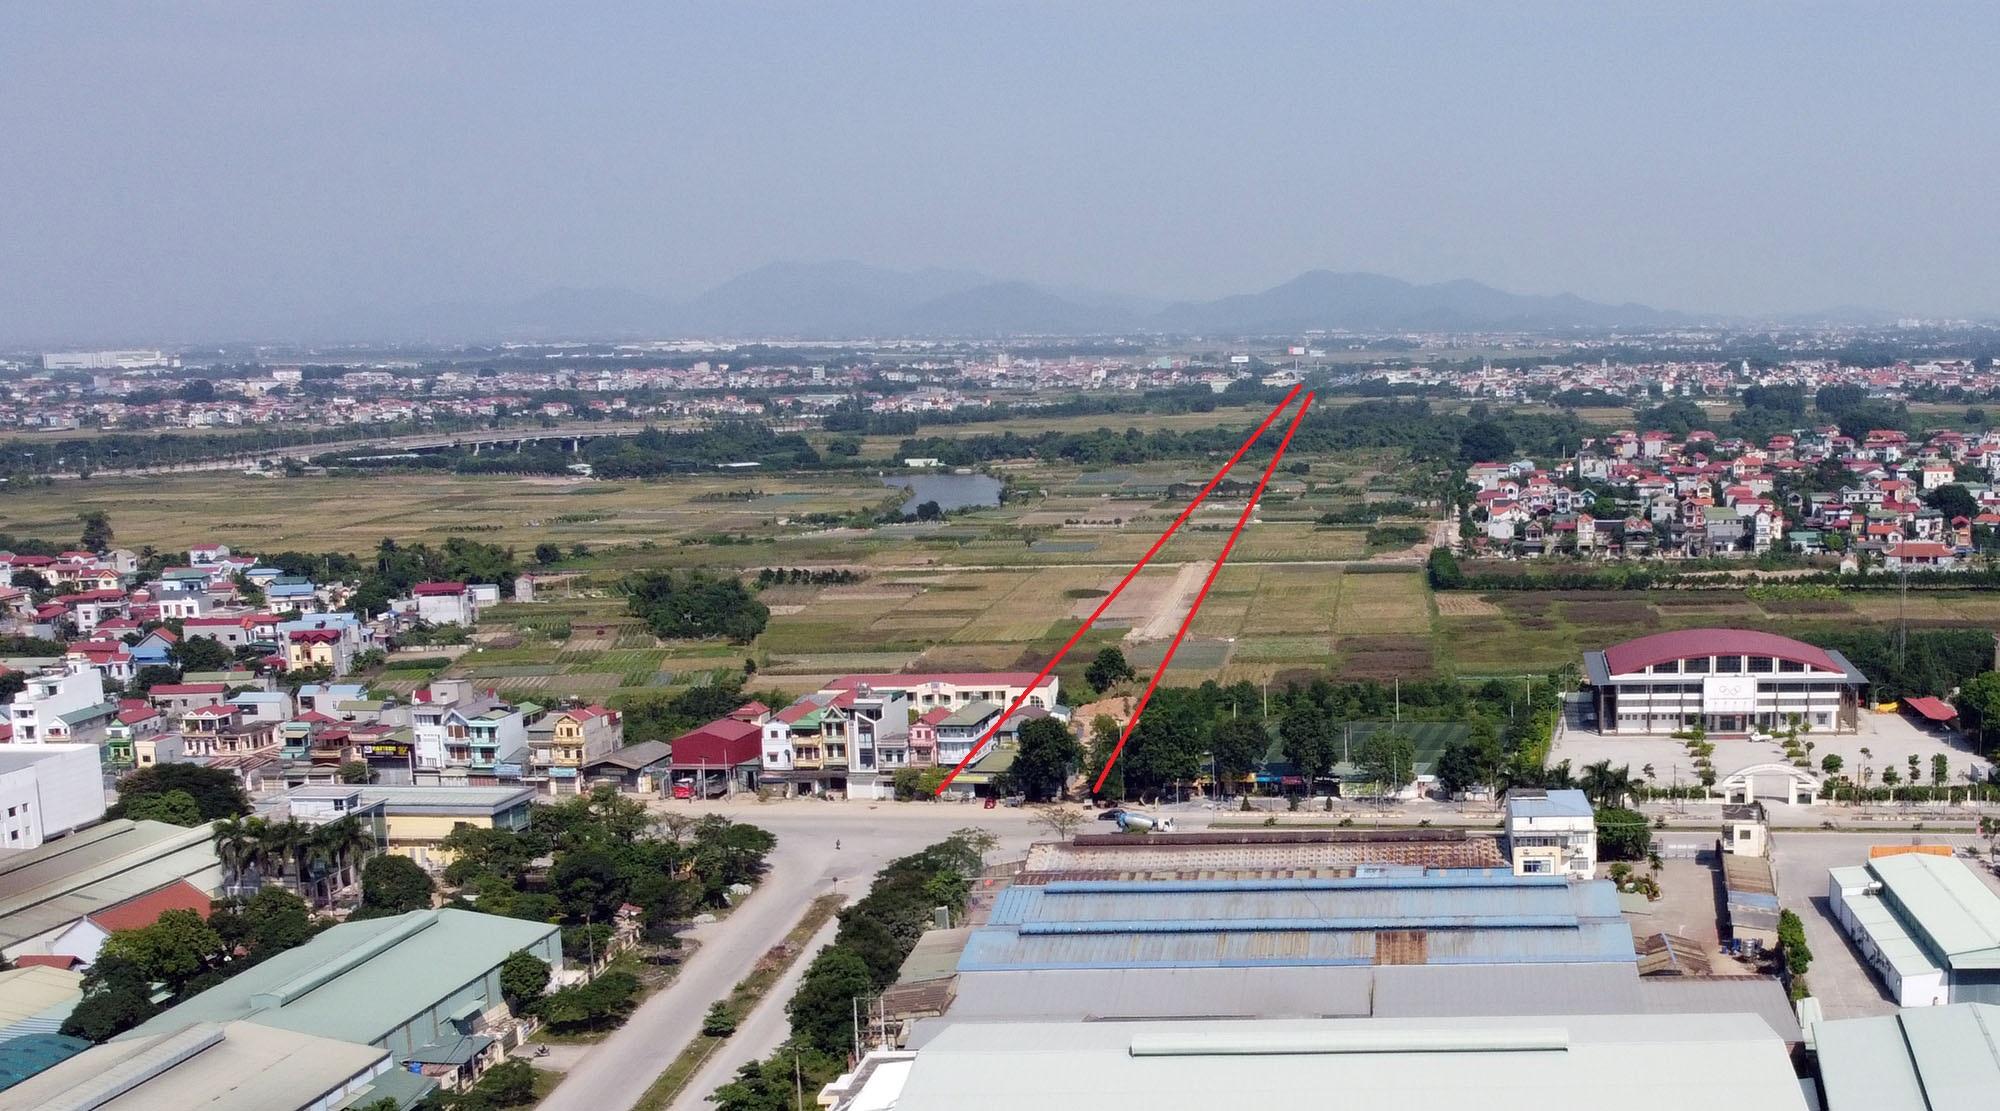 Đấu giá 10 thửa đất tại huyện Đông Anh, cách Nội Bài khoảng 6 km, giá khởi điểm từ 25 triệu đồng/m2 - Ảnh 1.